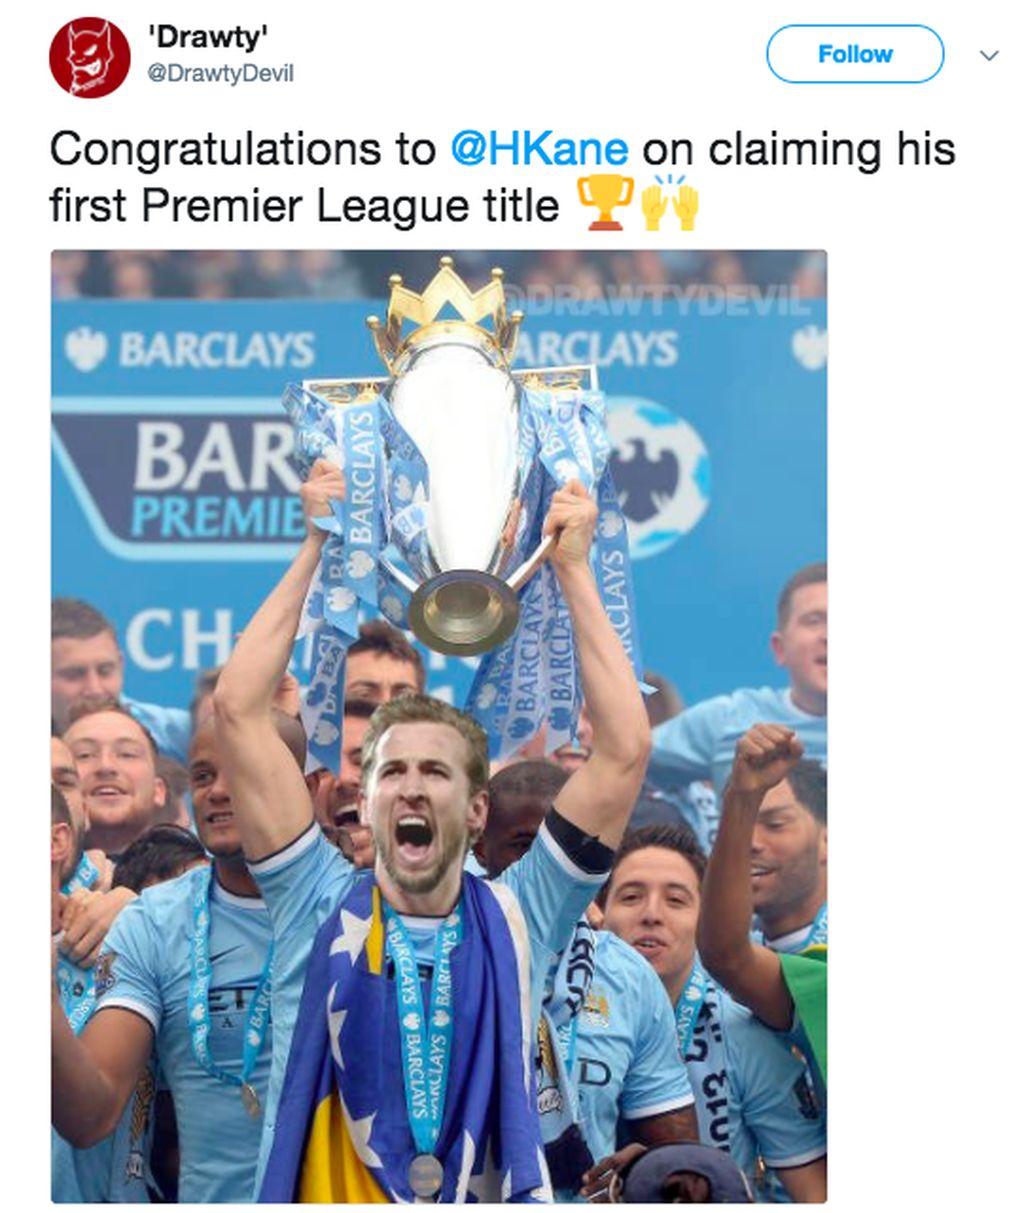 Kane mengangkat Piala Liga Inggris. Meme semacam ini bertebaran setelah Kane mengklaim gol rekan setimnya Cristian Eriksen saat melawan Stoke City. Tottenham banding gol tersebut yang akhirnya jadi milik Kane walau dalam siaran ulang, banyak yang menilai Kane tak menyentuh bola. Foto: istimewa